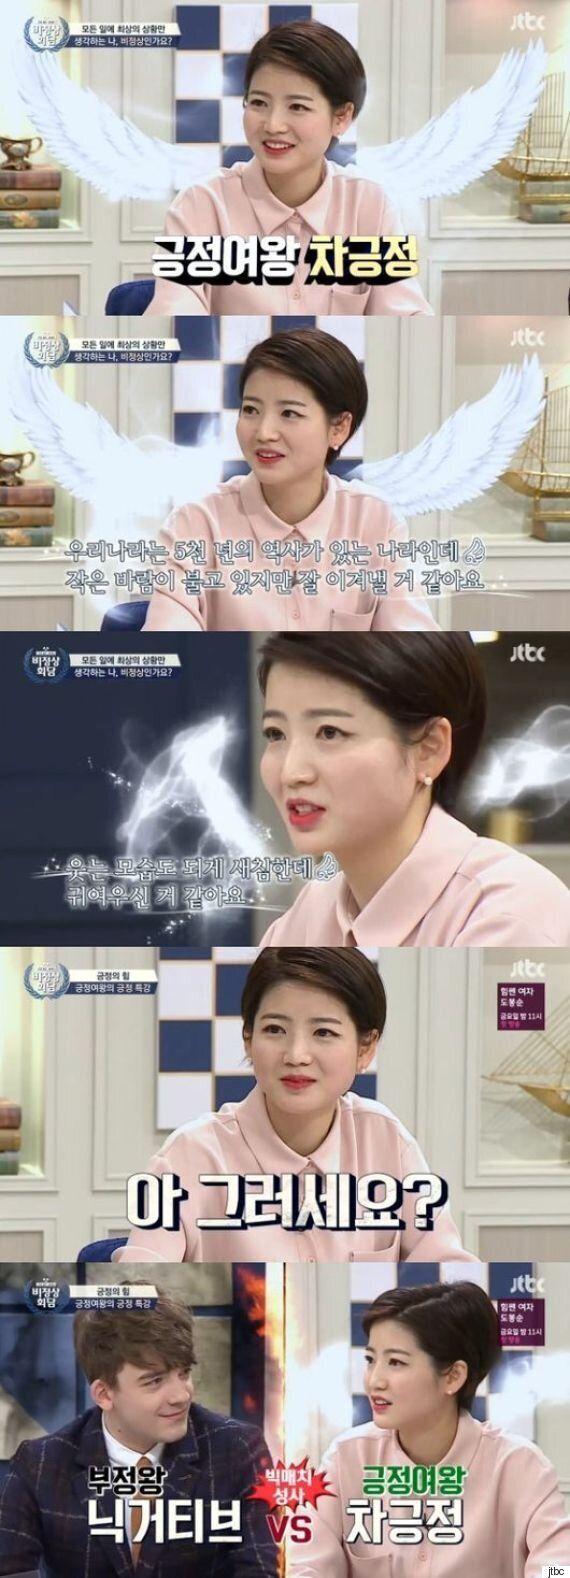 '비정상회담' 긍정퀸 차홍, 칭찬은 G11도 춤추게 한다